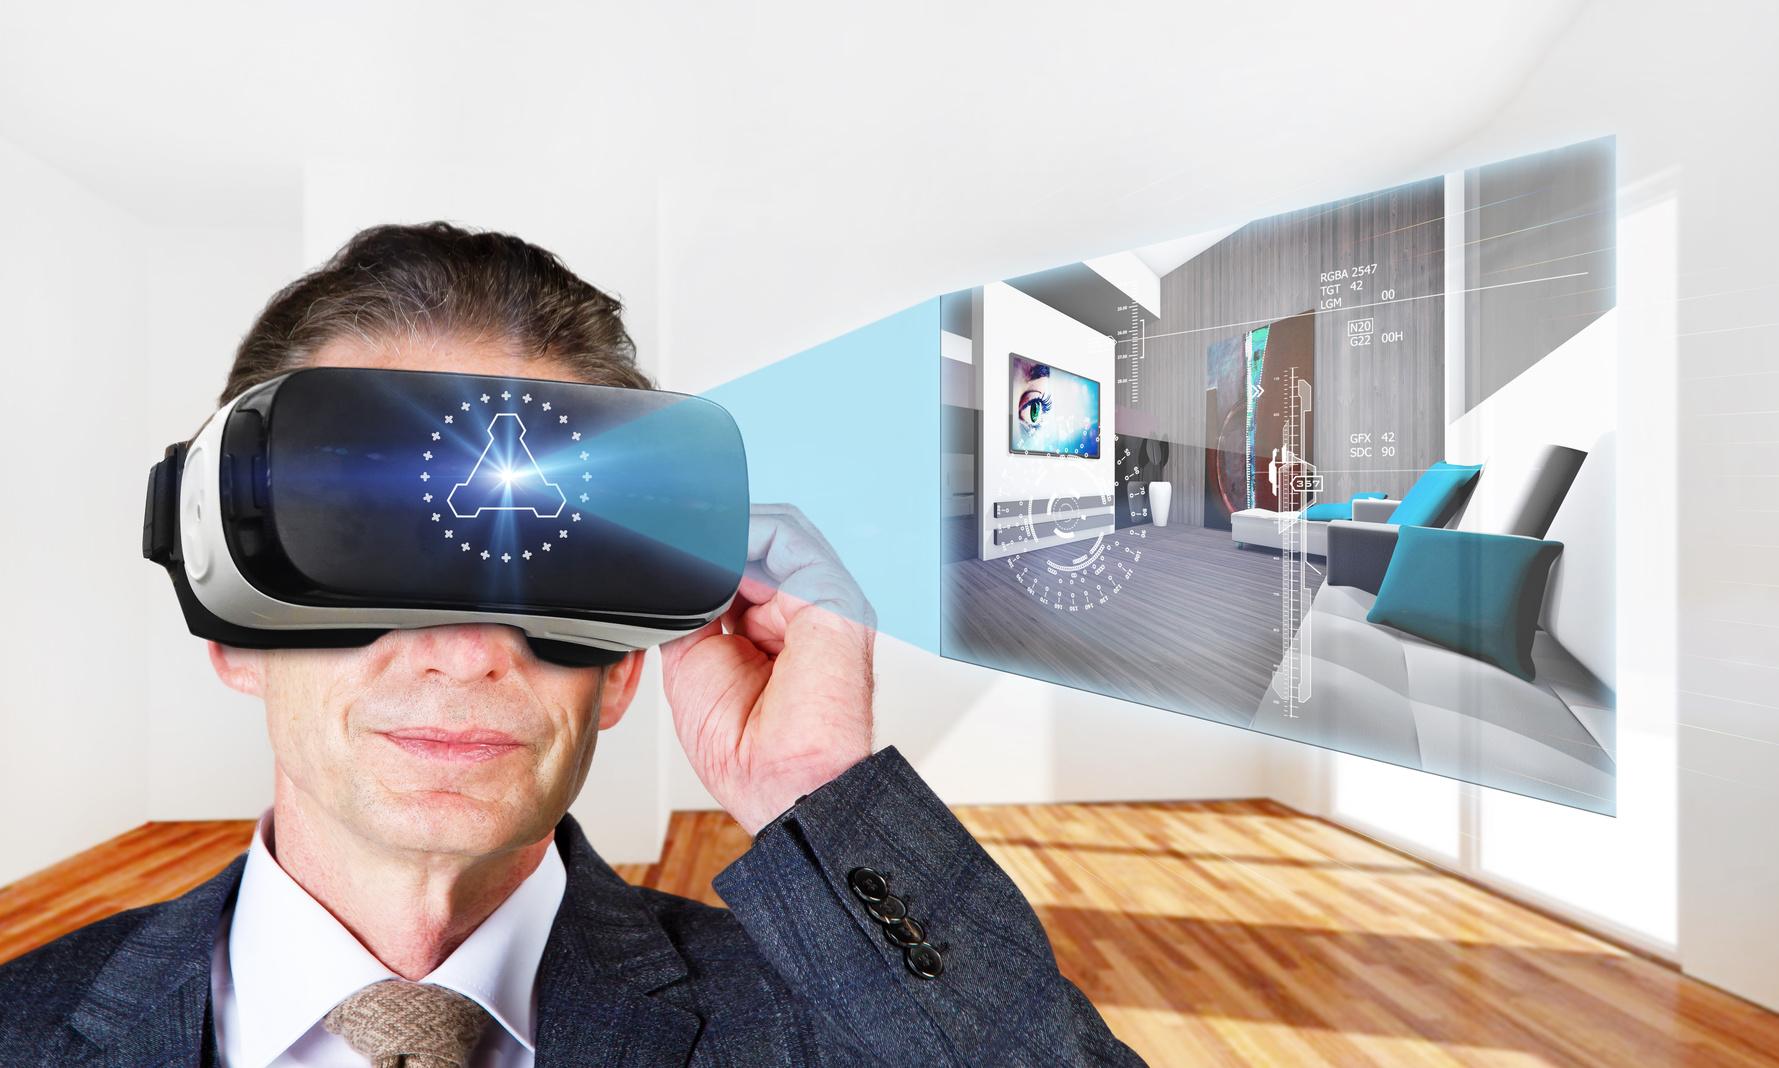 Virtual Room - Man mit VR-Brille bewegt sich in einem virtuellen Raum